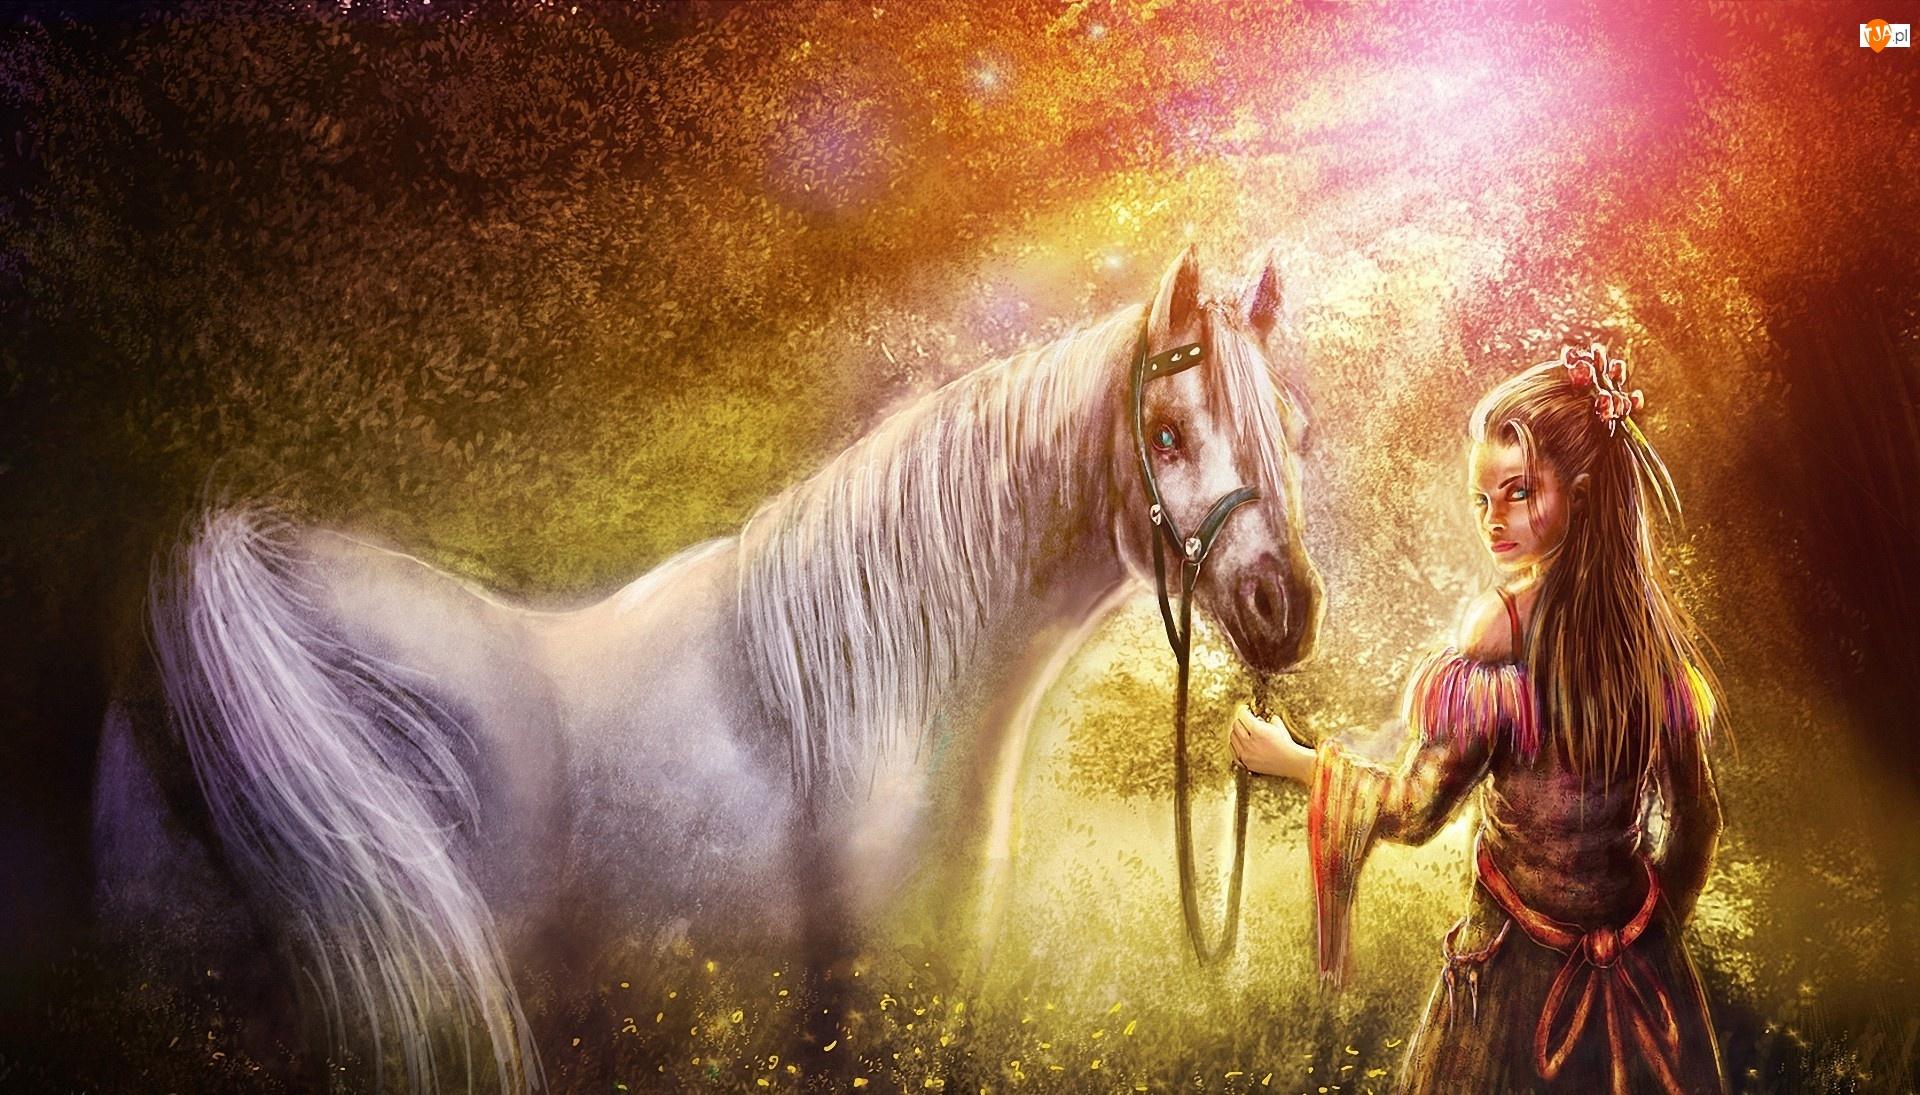 Łąka, Kobieta, Promienie, Koń, Słońca